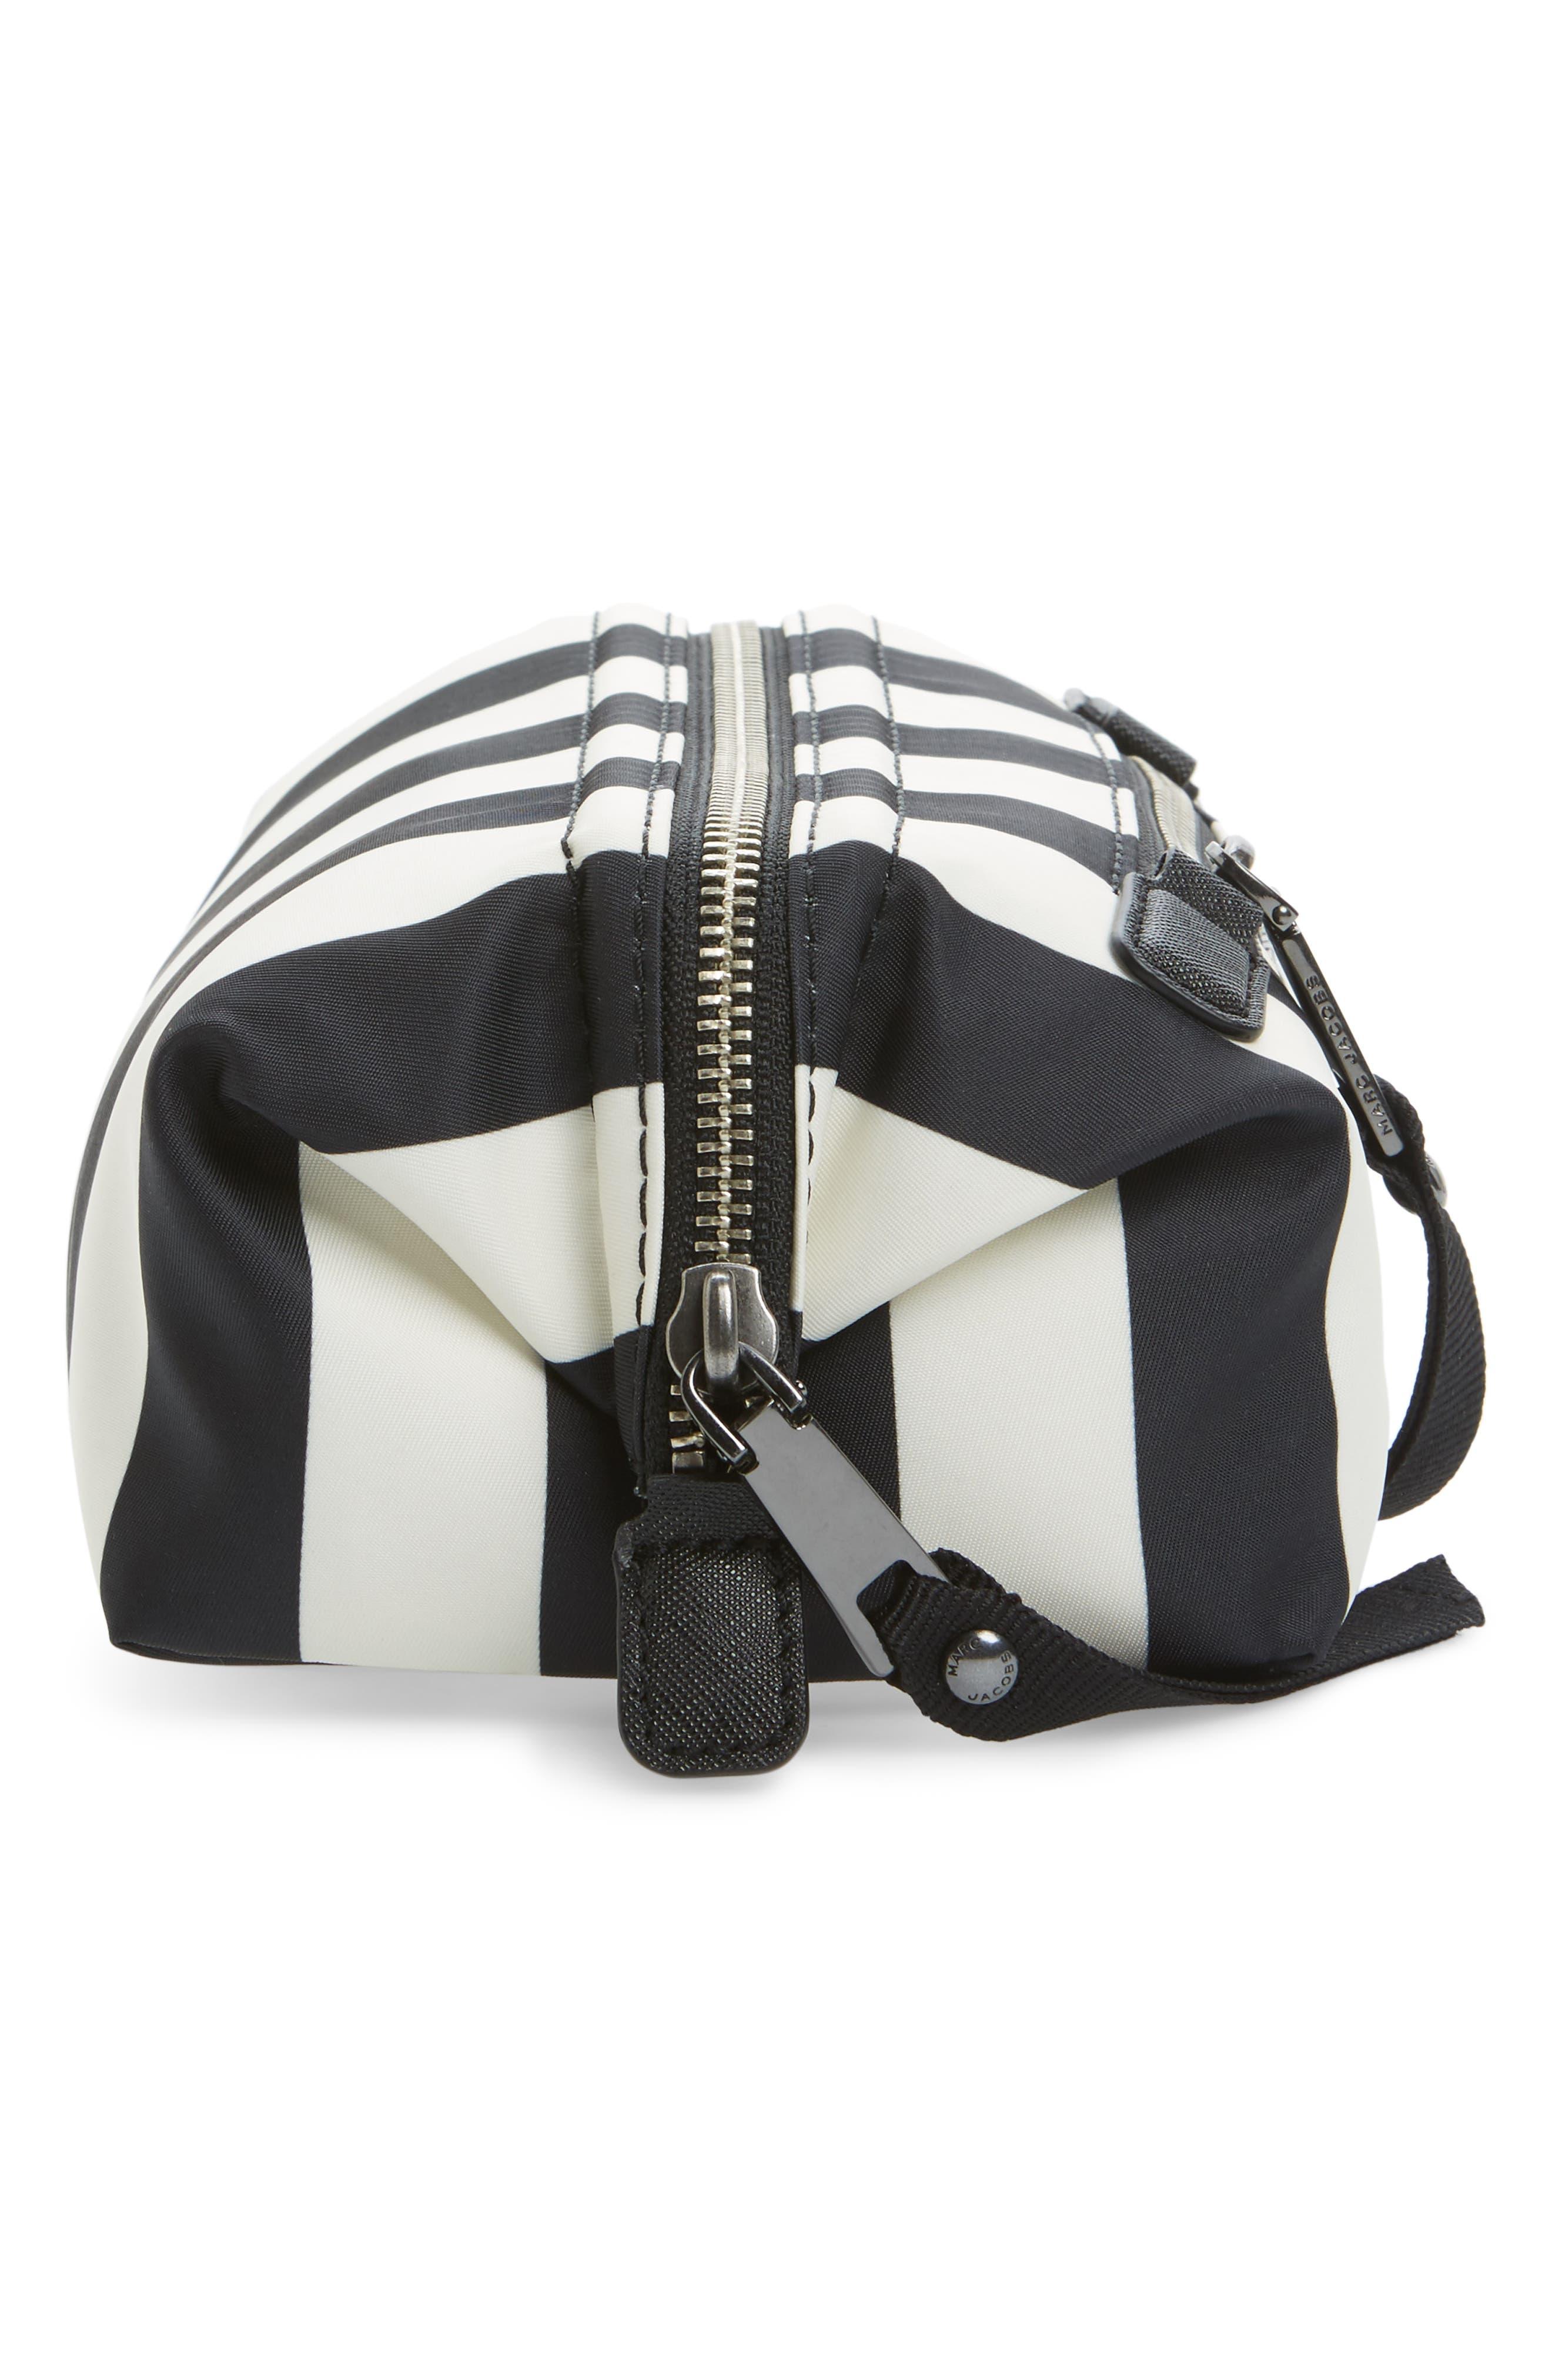 Stripes Trooper Cosmetics Bag,                             Alternate thumbnail 4, color,                             Black Multi